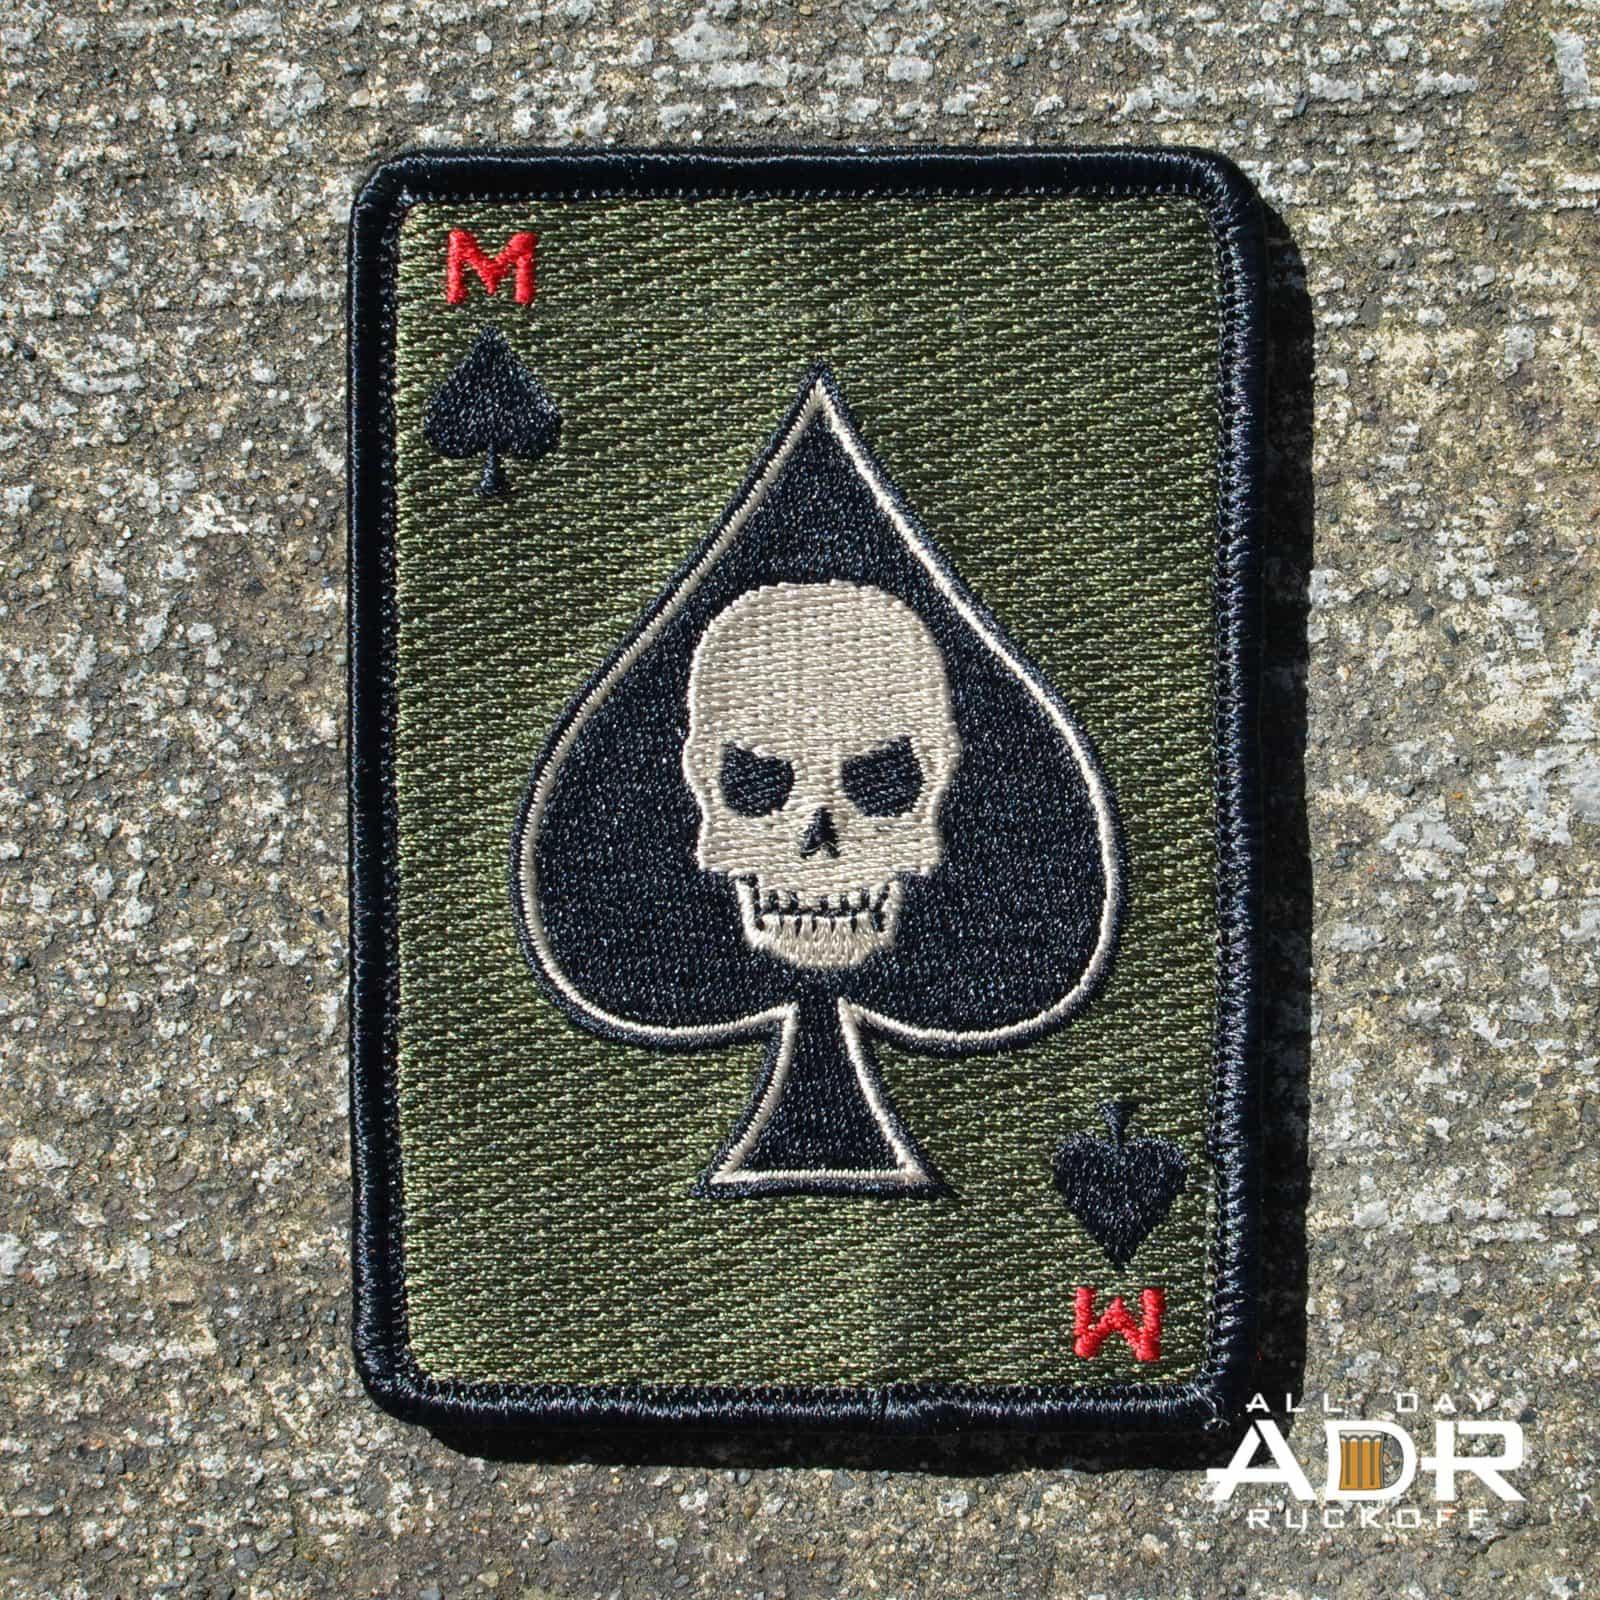 Motus Death Card Patch Dark All Day Ruckoff